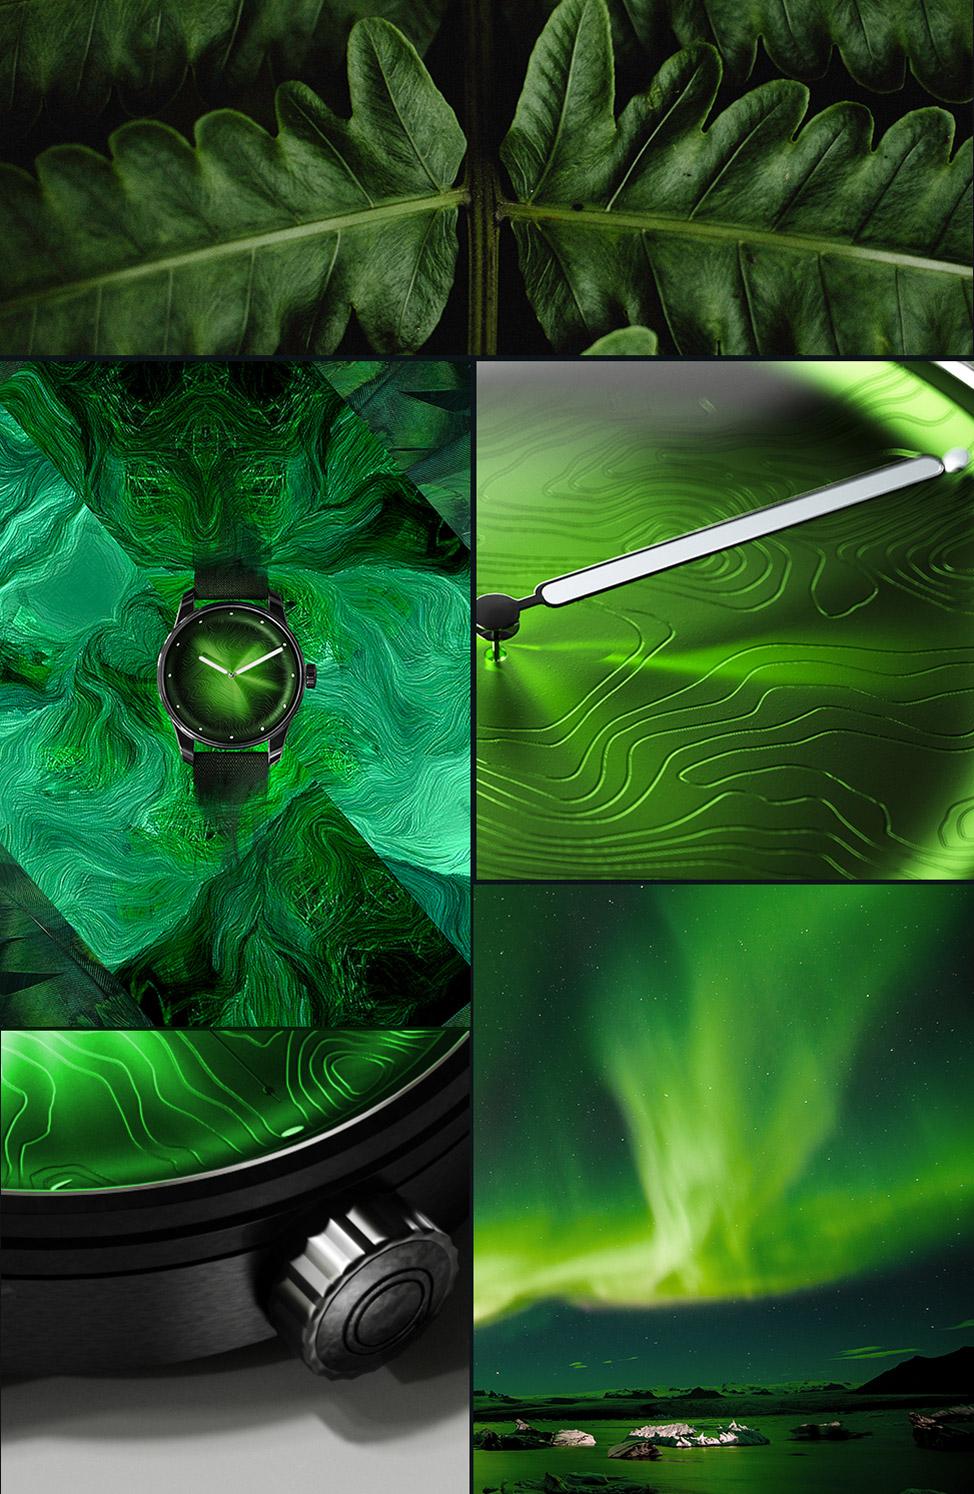 6-gal-vert.jpg